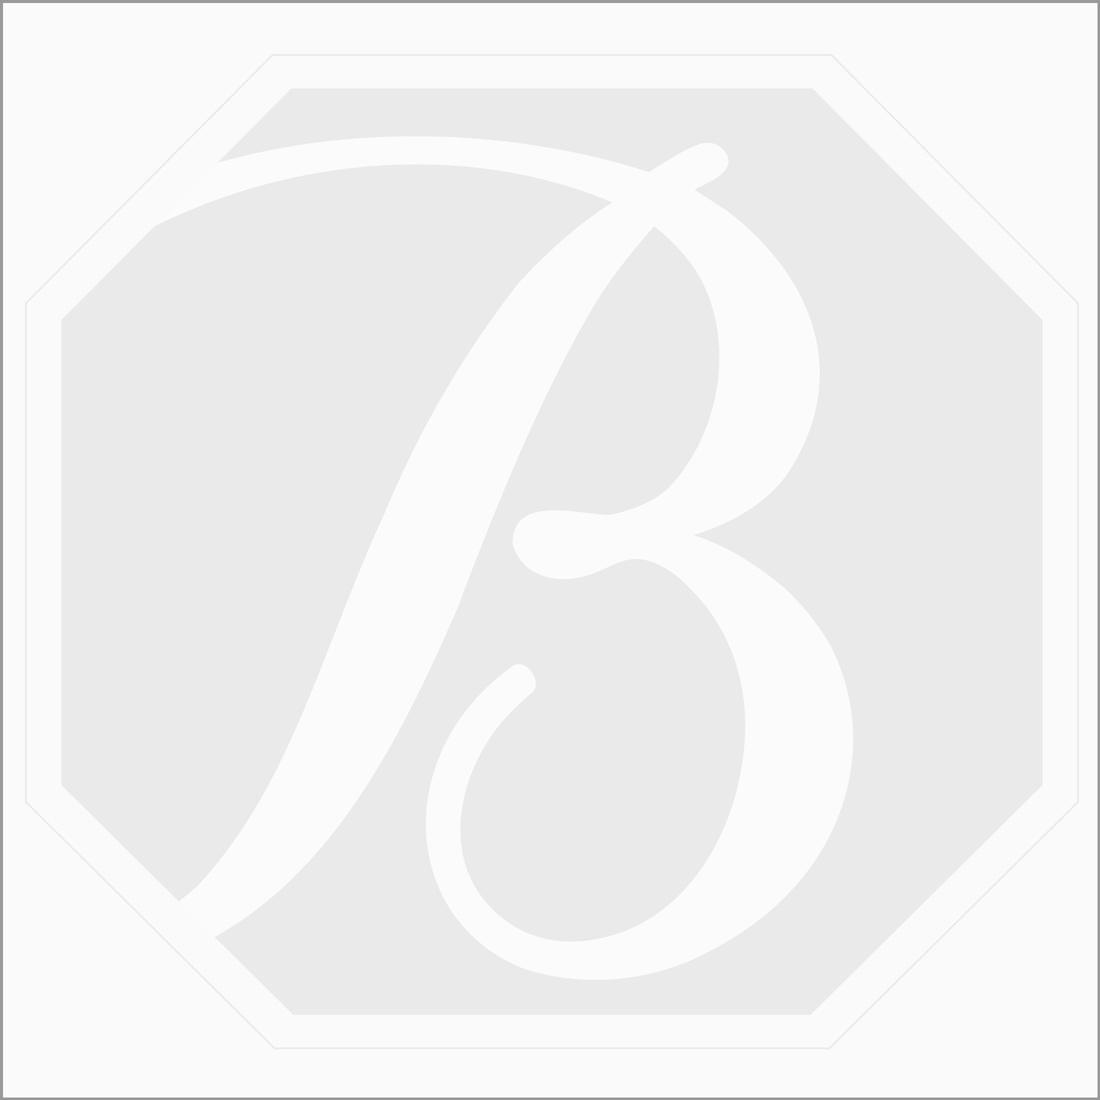 1 Piece - Light Brown Sapphire Rose Cut - 17 x 12.50 mm - 14.63 carats (MSRC1187)